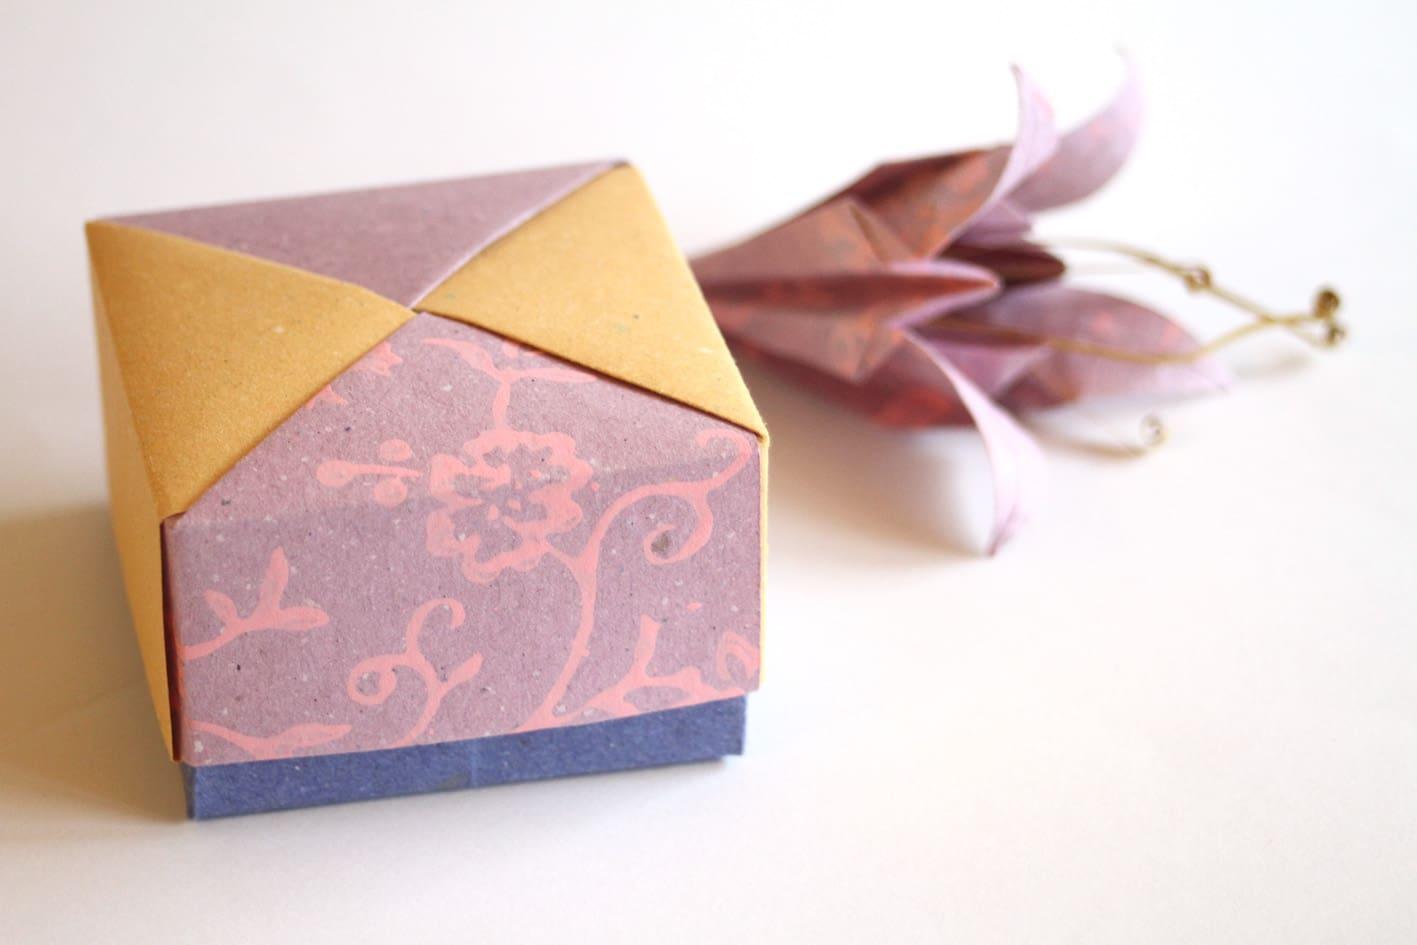 The Art Of Origami Meets Cartapaglia Arbos Boxes Tomoko Fuse S 3 Scatola Modulare Di Fondo Masu Giglio Modello Tradizionale